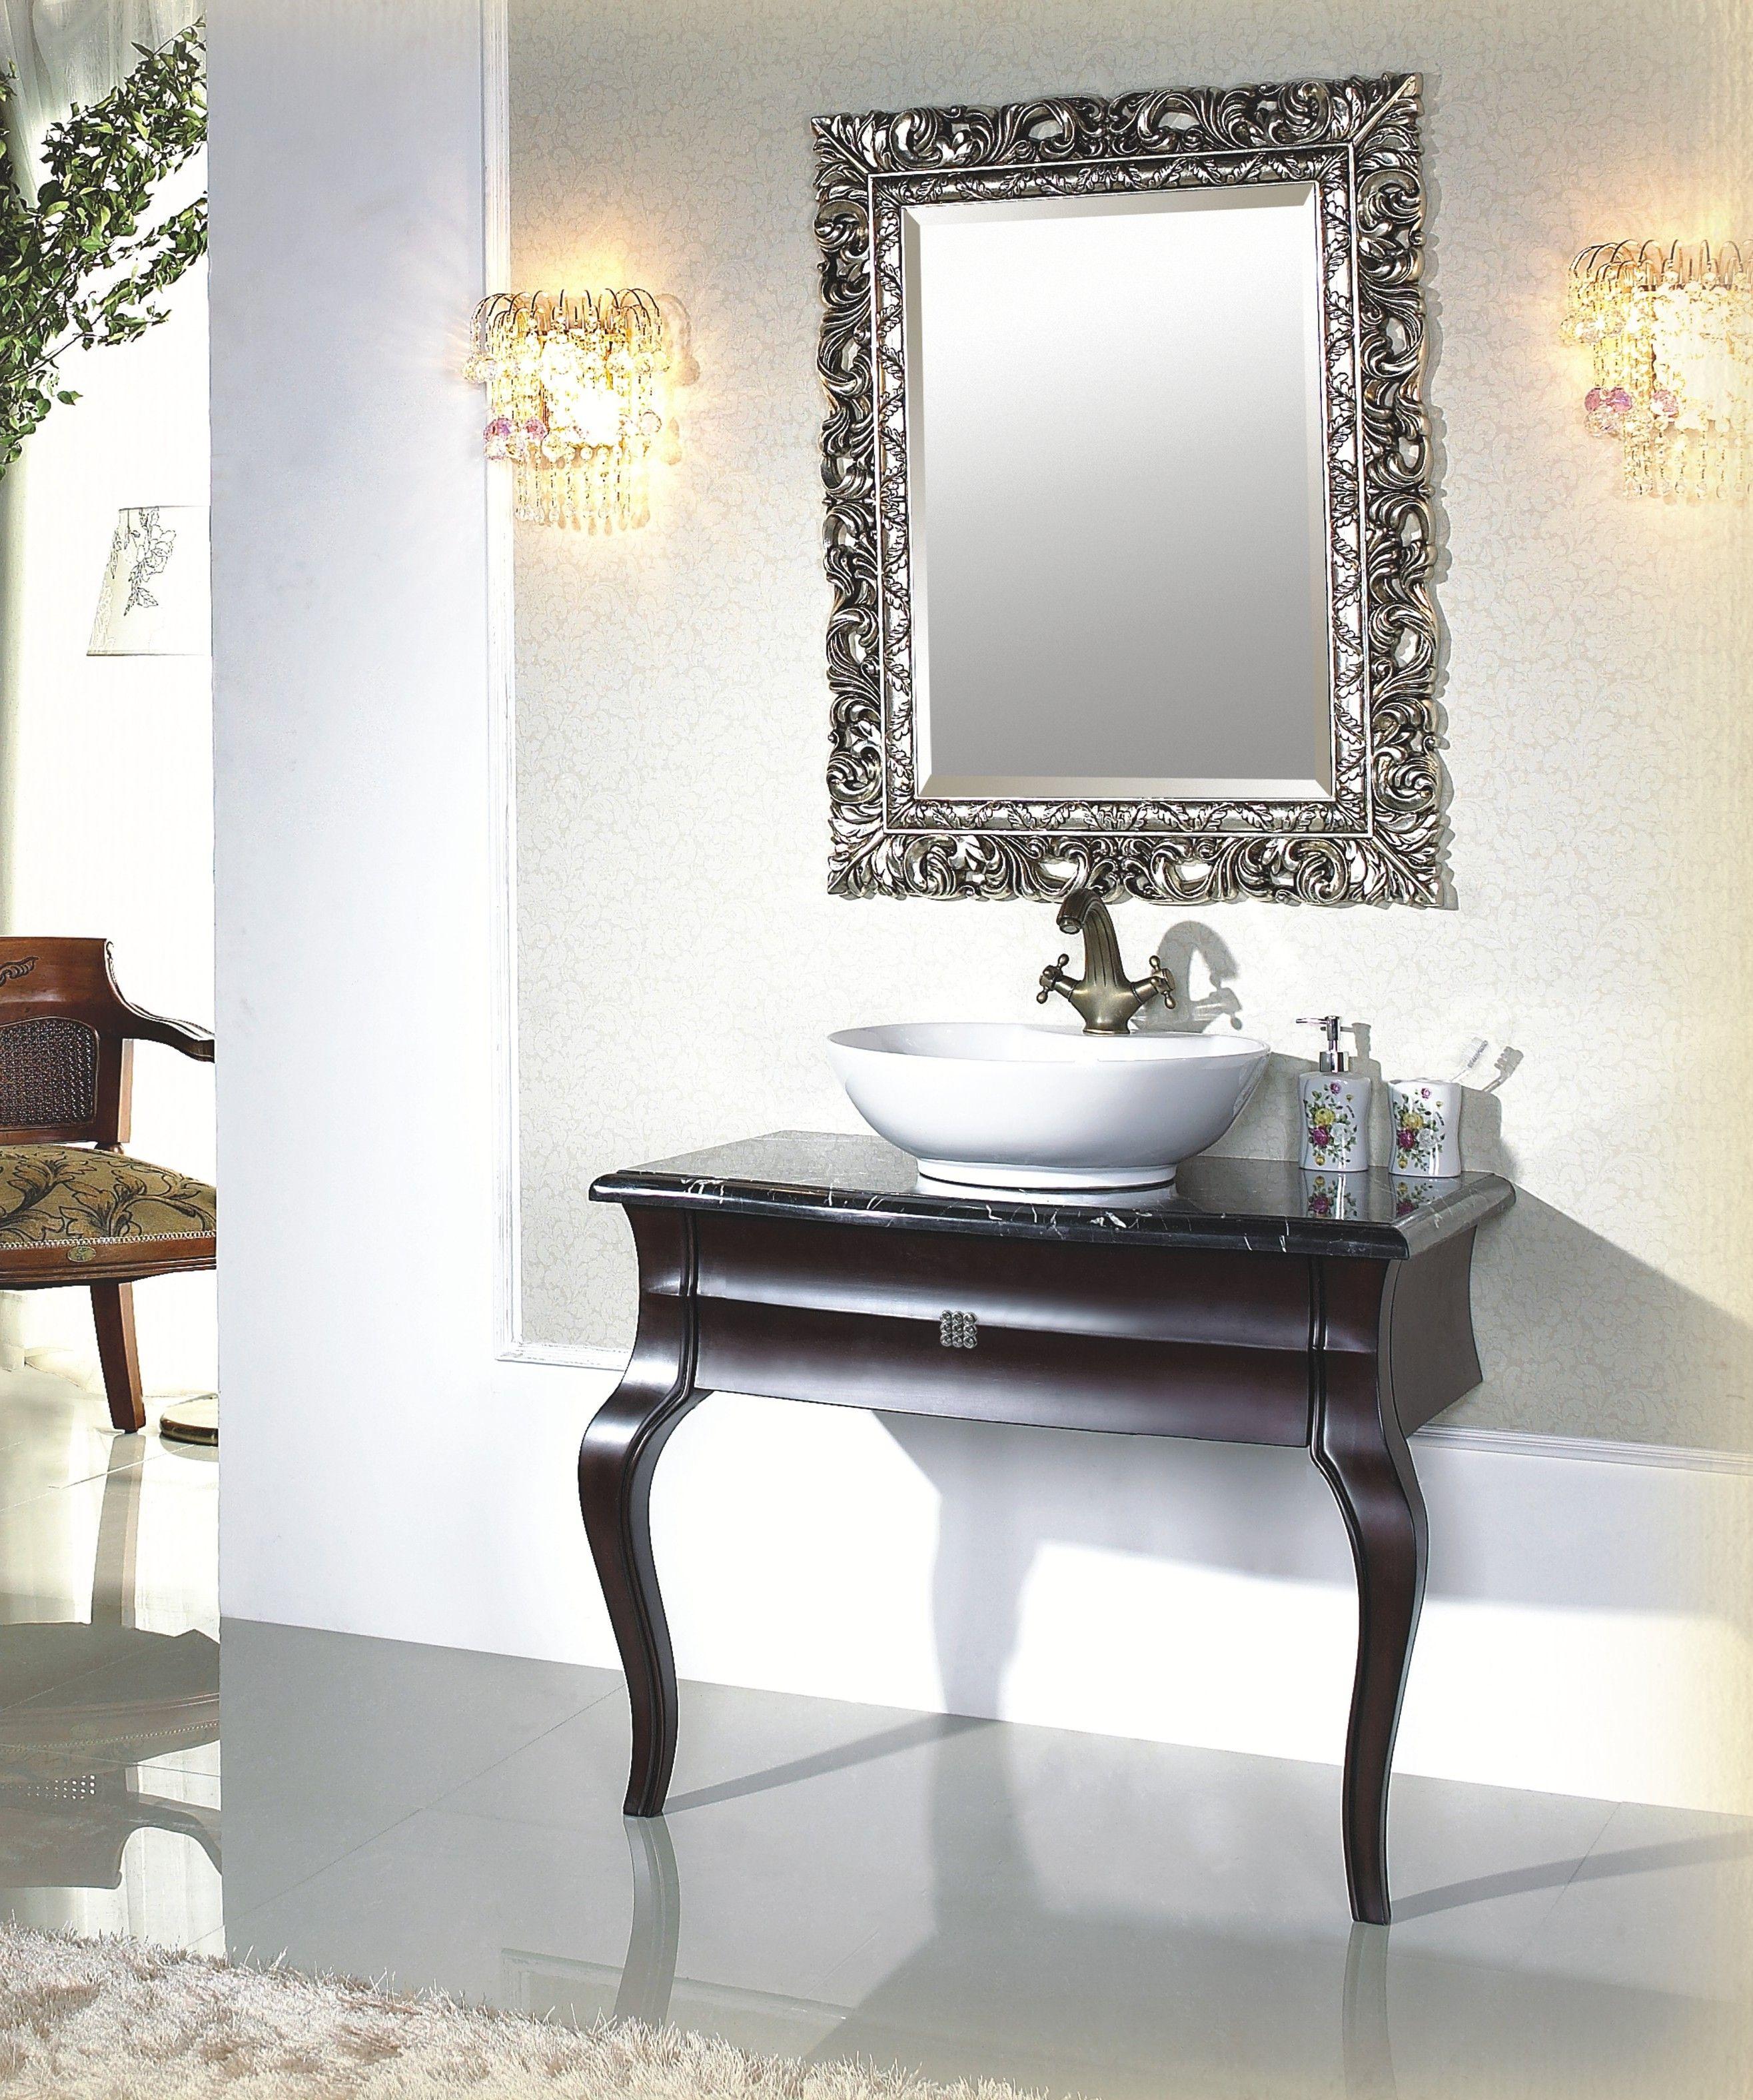 Vintage badezimmer design  fotos vintage badezimmer spiegel verkauf  spiegel  pinterest